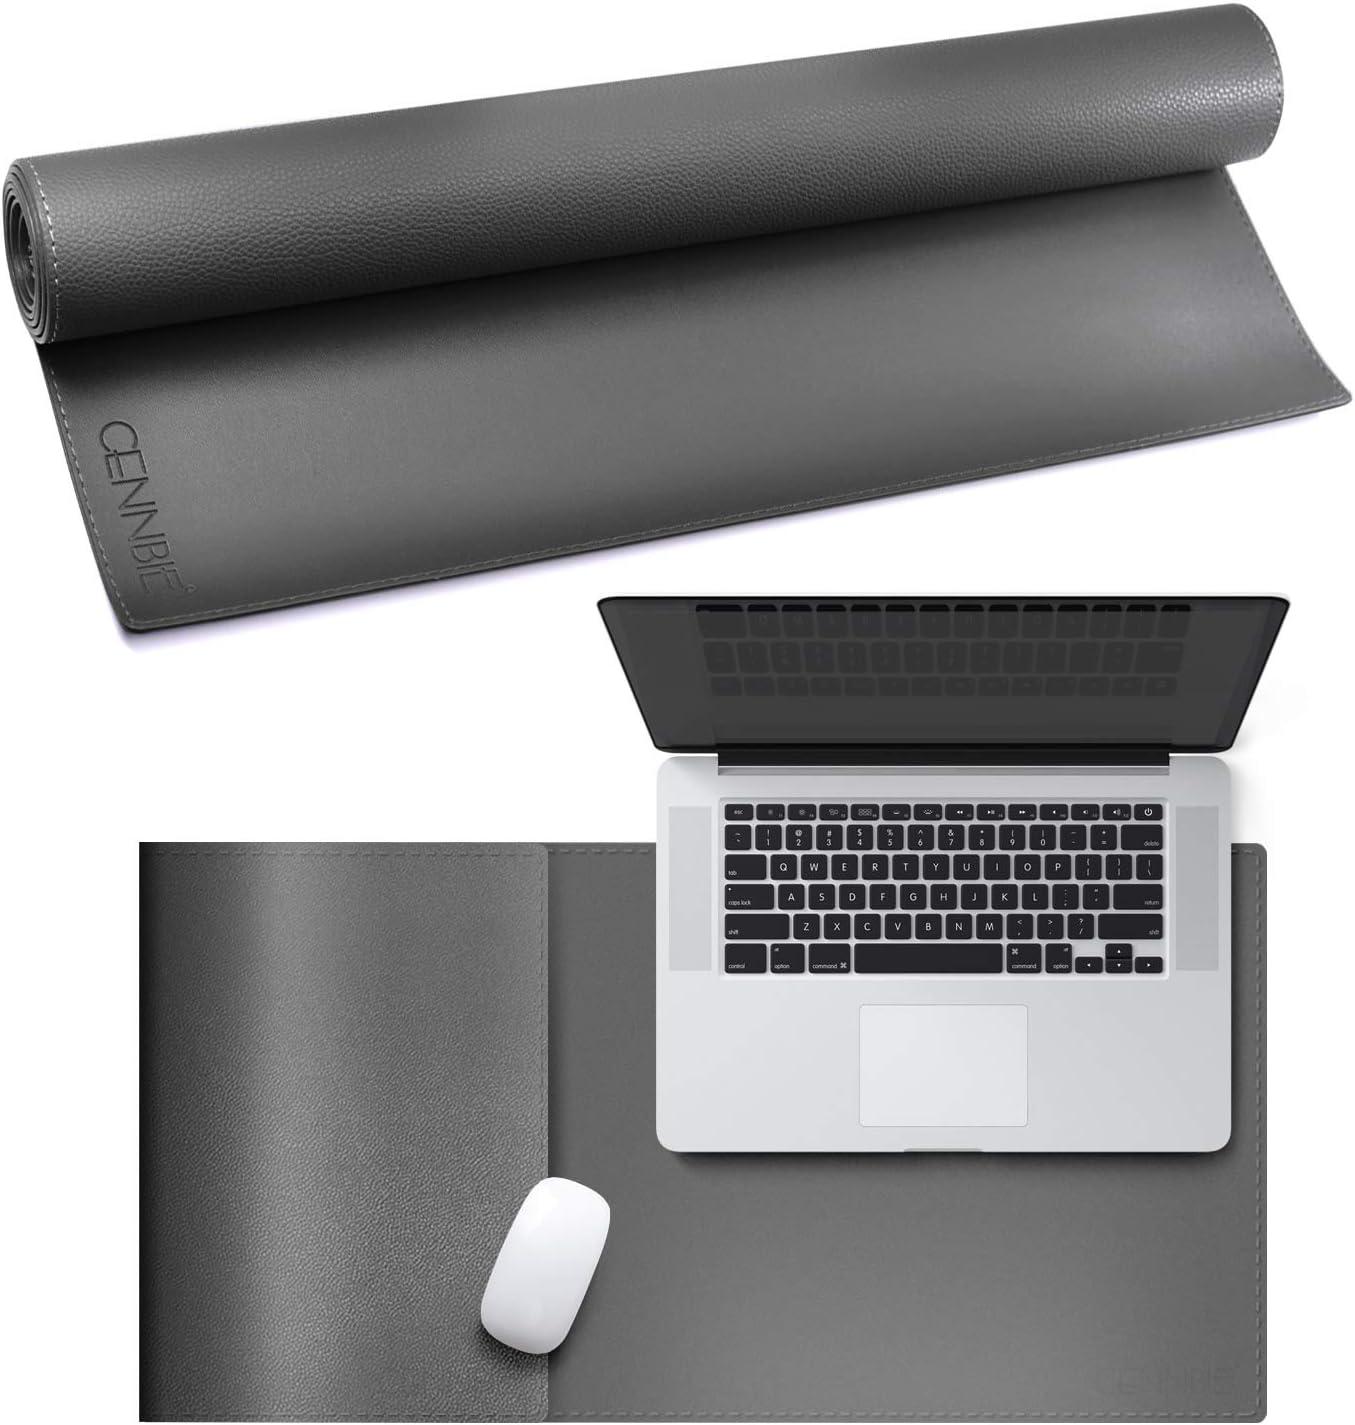 90,2 x 39,4 cm nero antiscivolo tappetino per tastiera portatile CENNBIE rettangolare 90 x 40 cm tappetino da scrivania in pelle artificiale